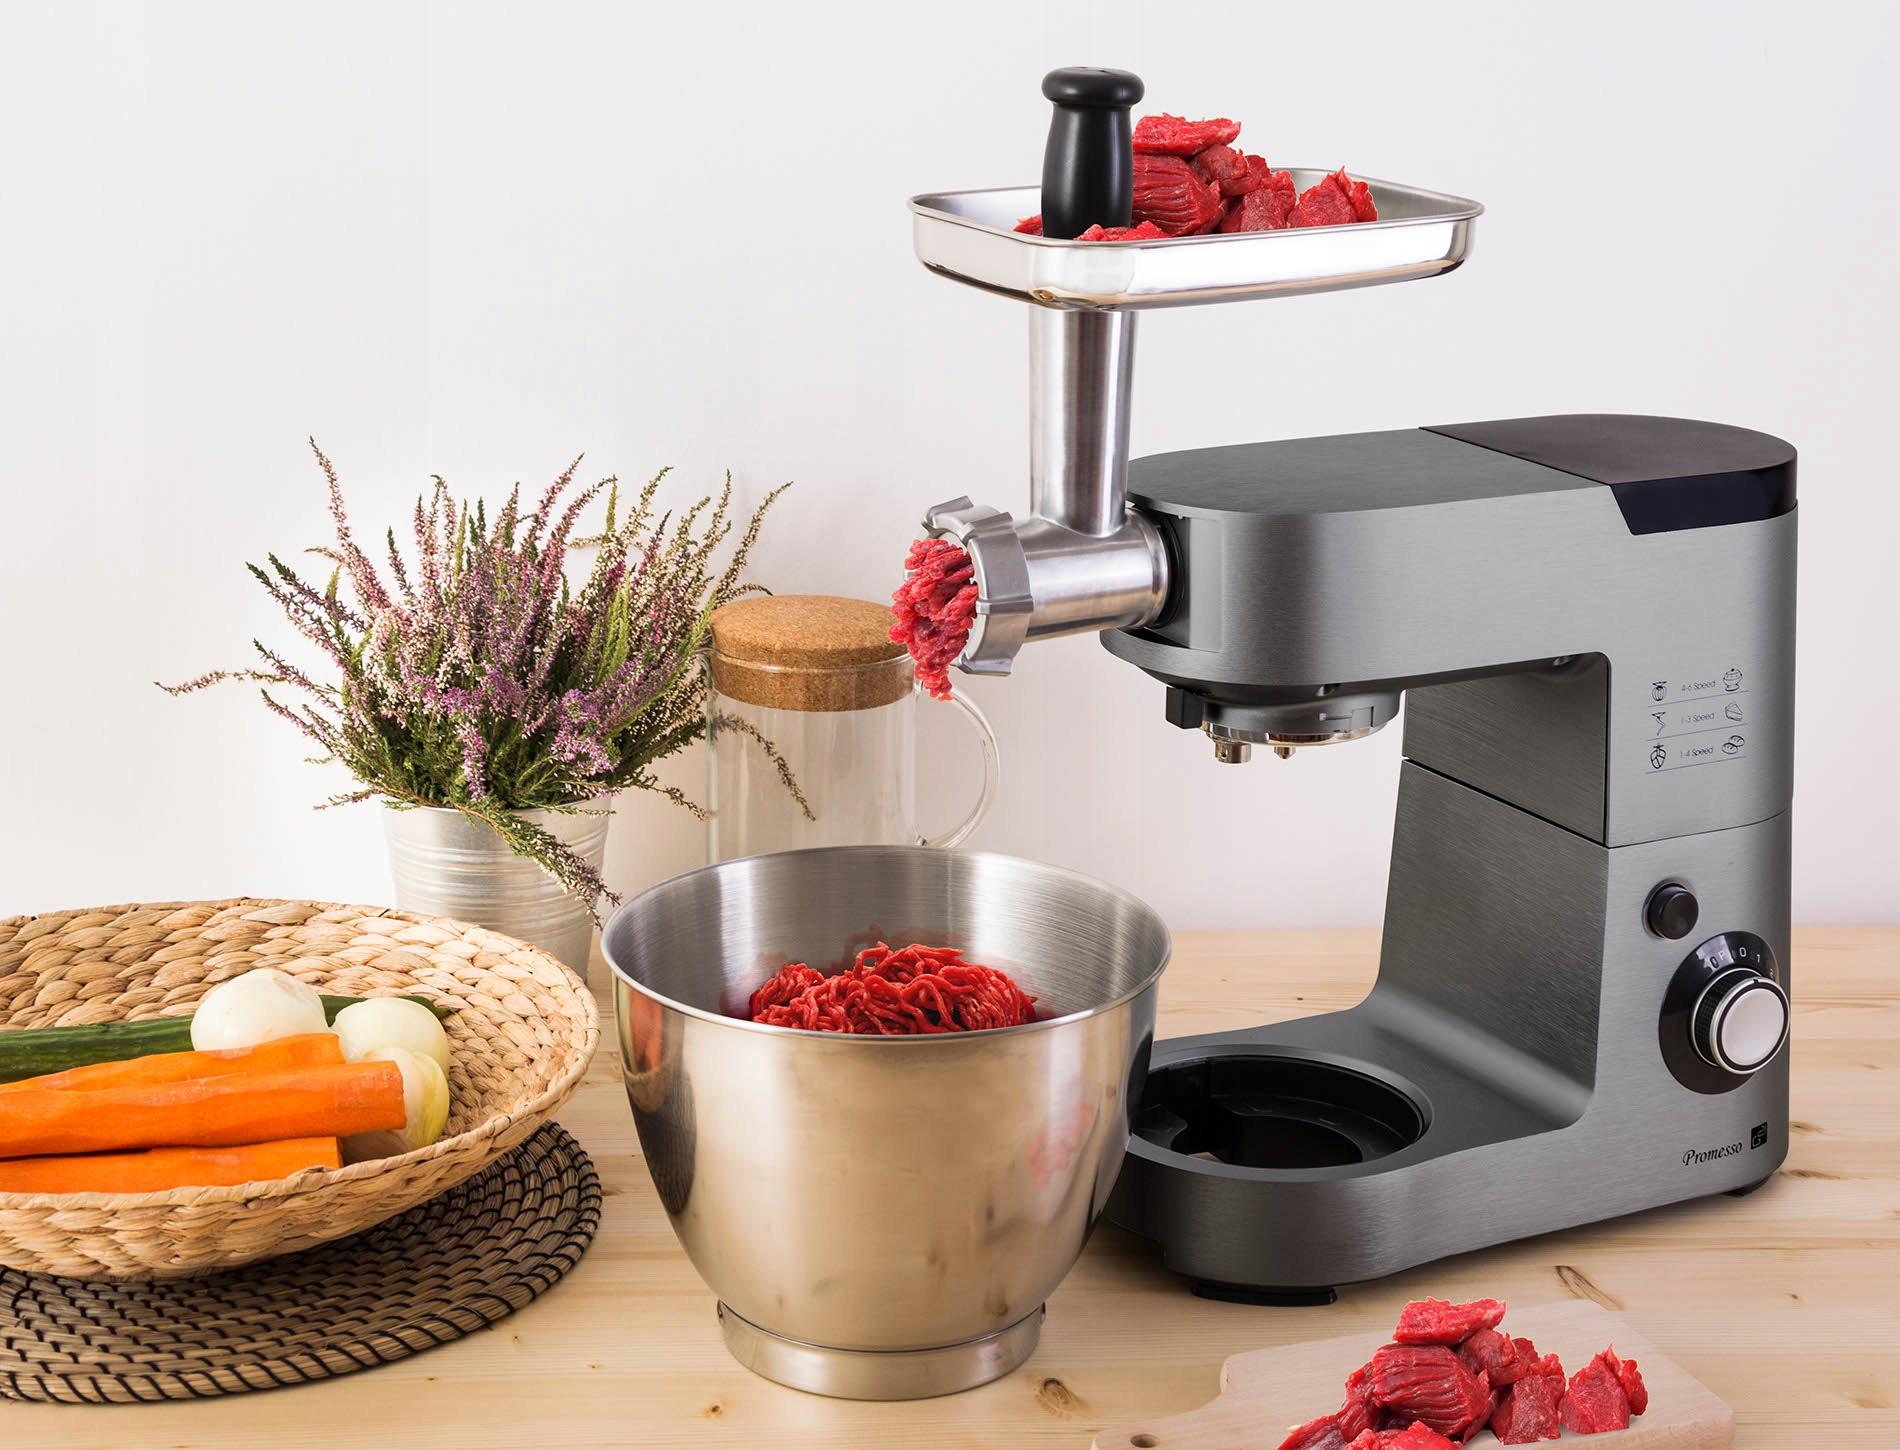 Планетарный кухонный комбайн многофункциональный миксер Доминантный цвет серебристый / серый